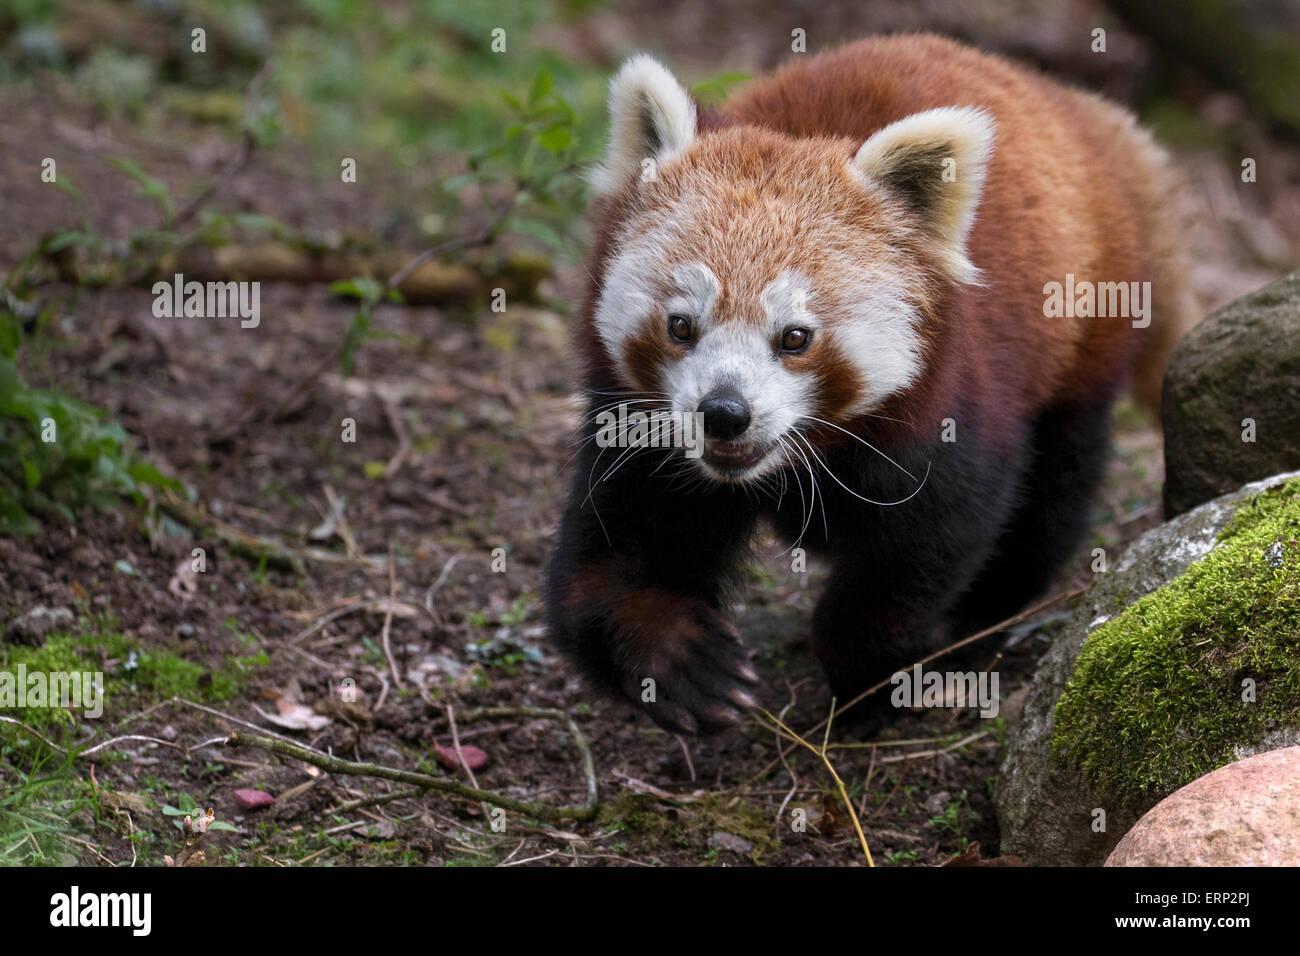 Red panda - Stock Image